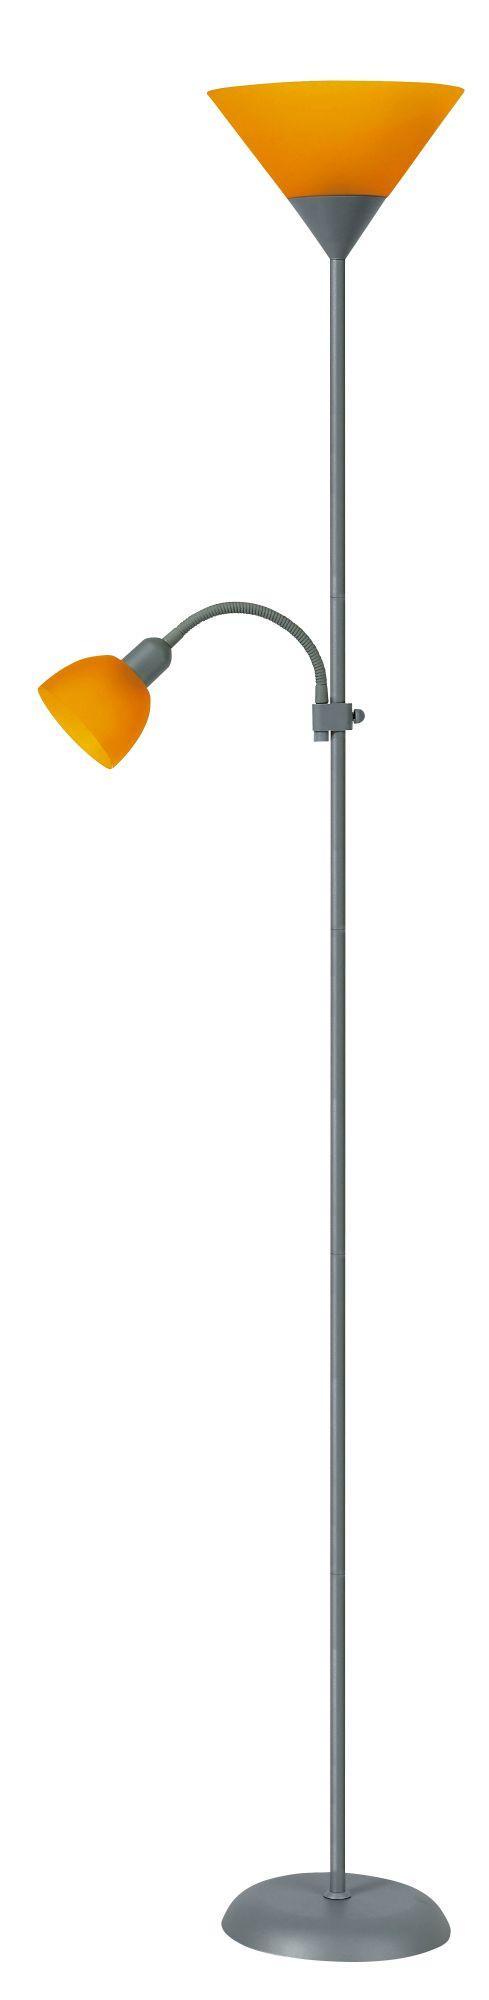 Stojanová lampa Action 4026 (strieborná + pomarančová)